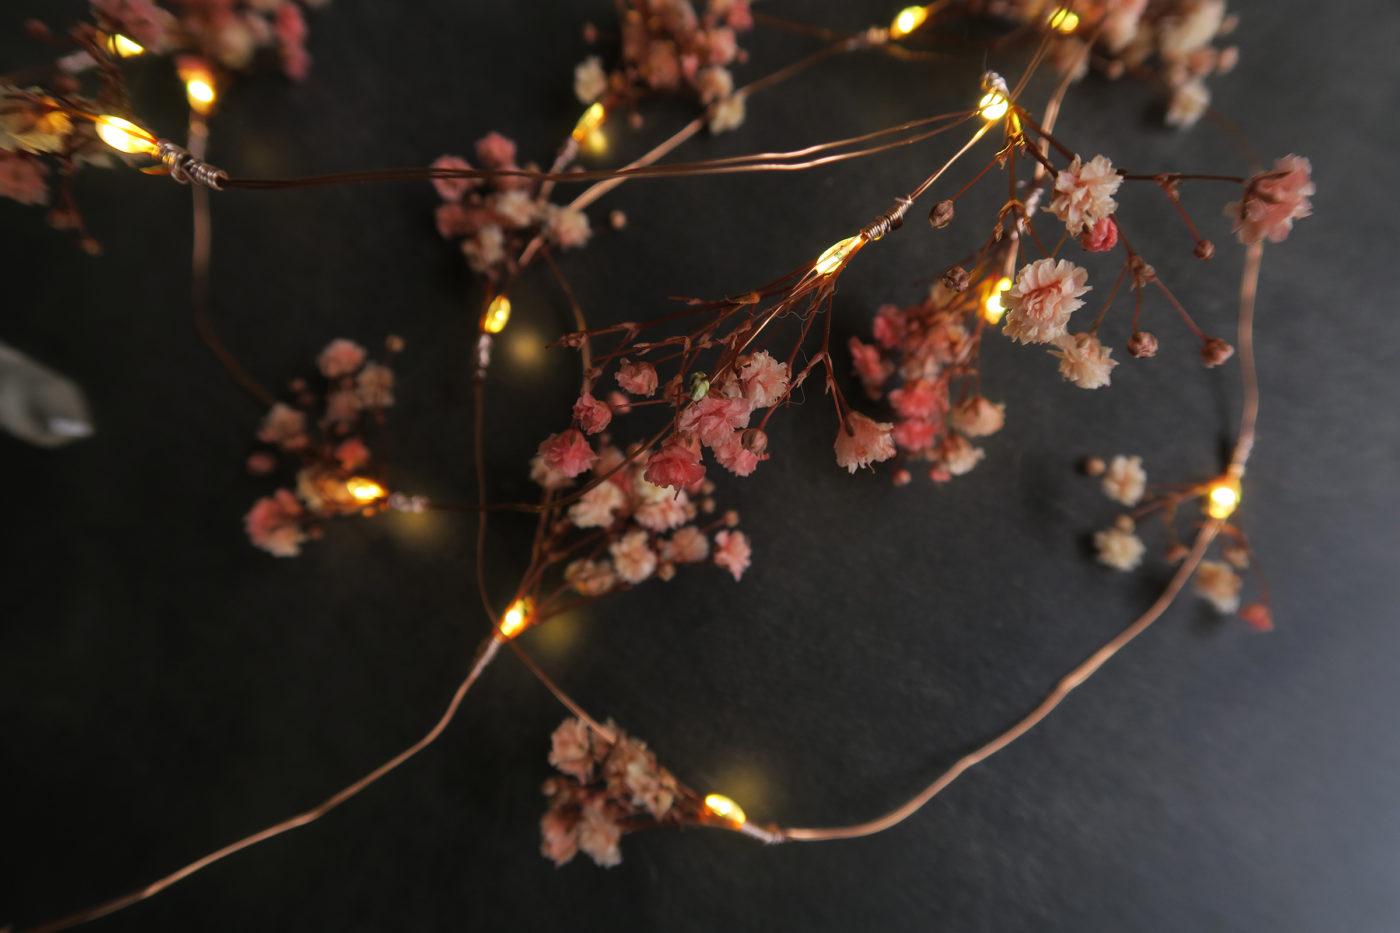 gurilande lumineuse de fleurs séchées gypsophile rose led décoration automne hiver idée cadeau femme naturel bohème maison